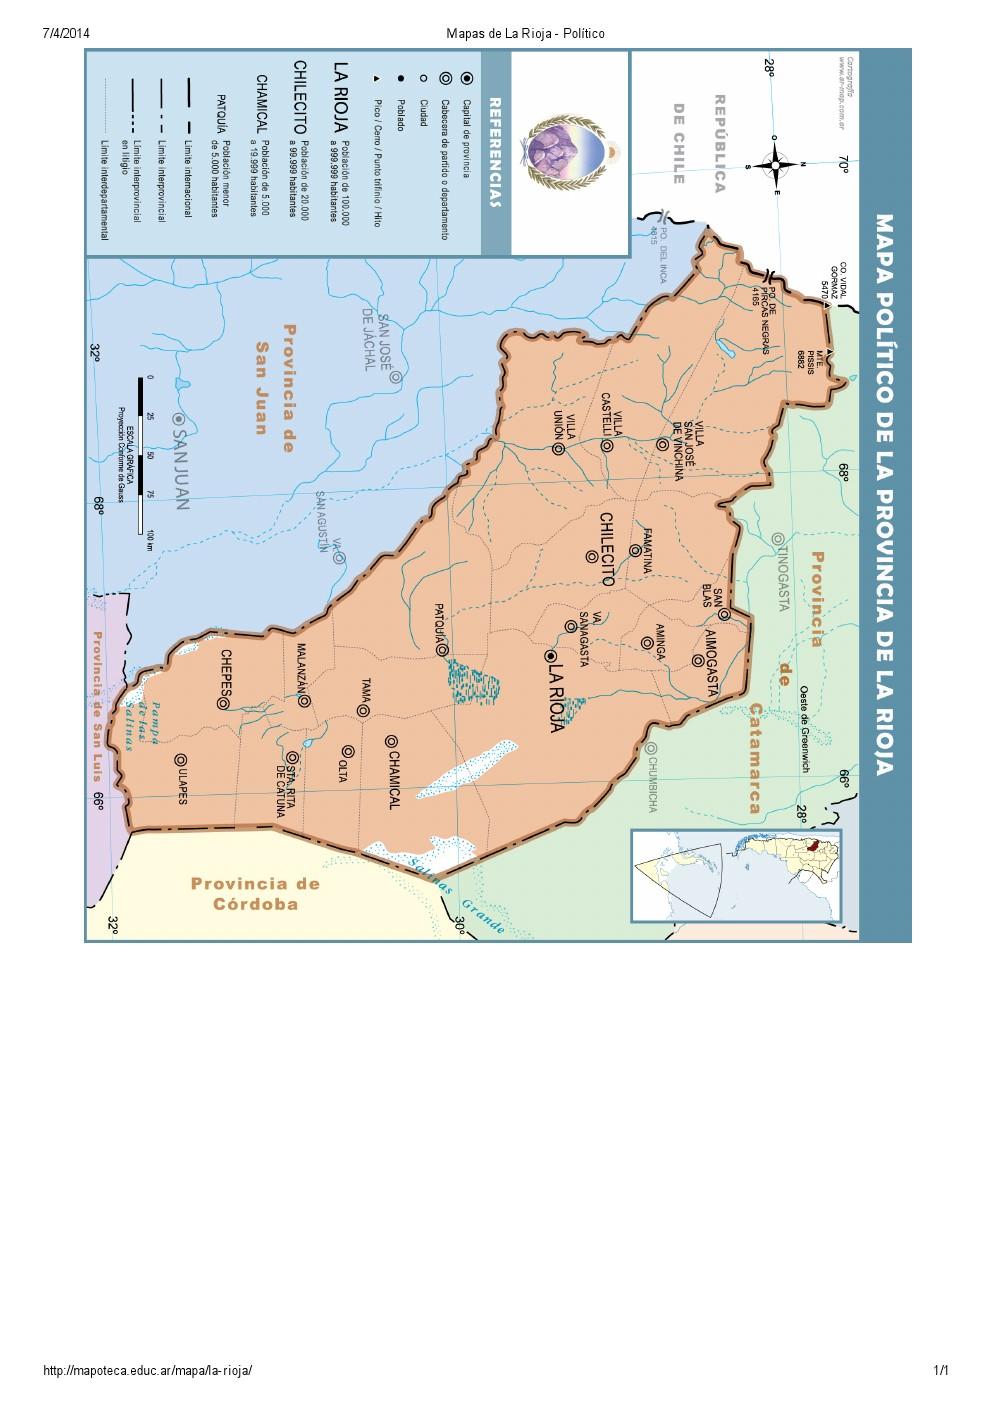 Mapa de capitales de La Rioja. Mapoteca de Educ.ar